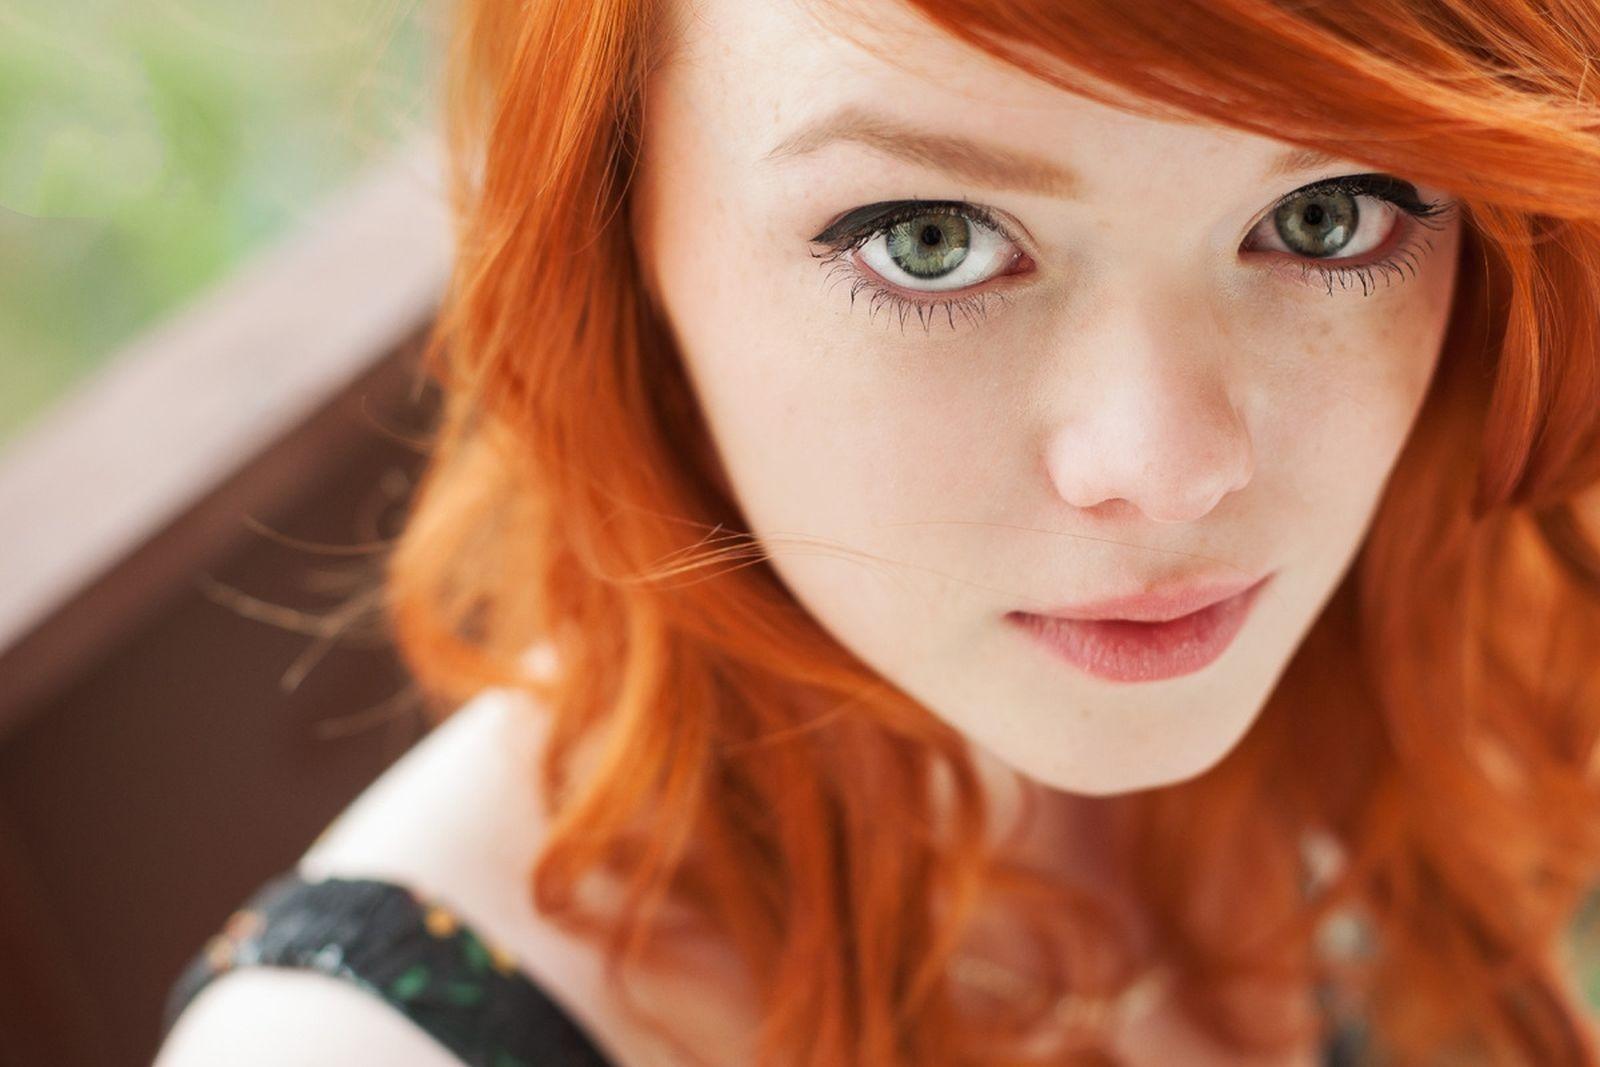 teen girls masterbating naked selfies